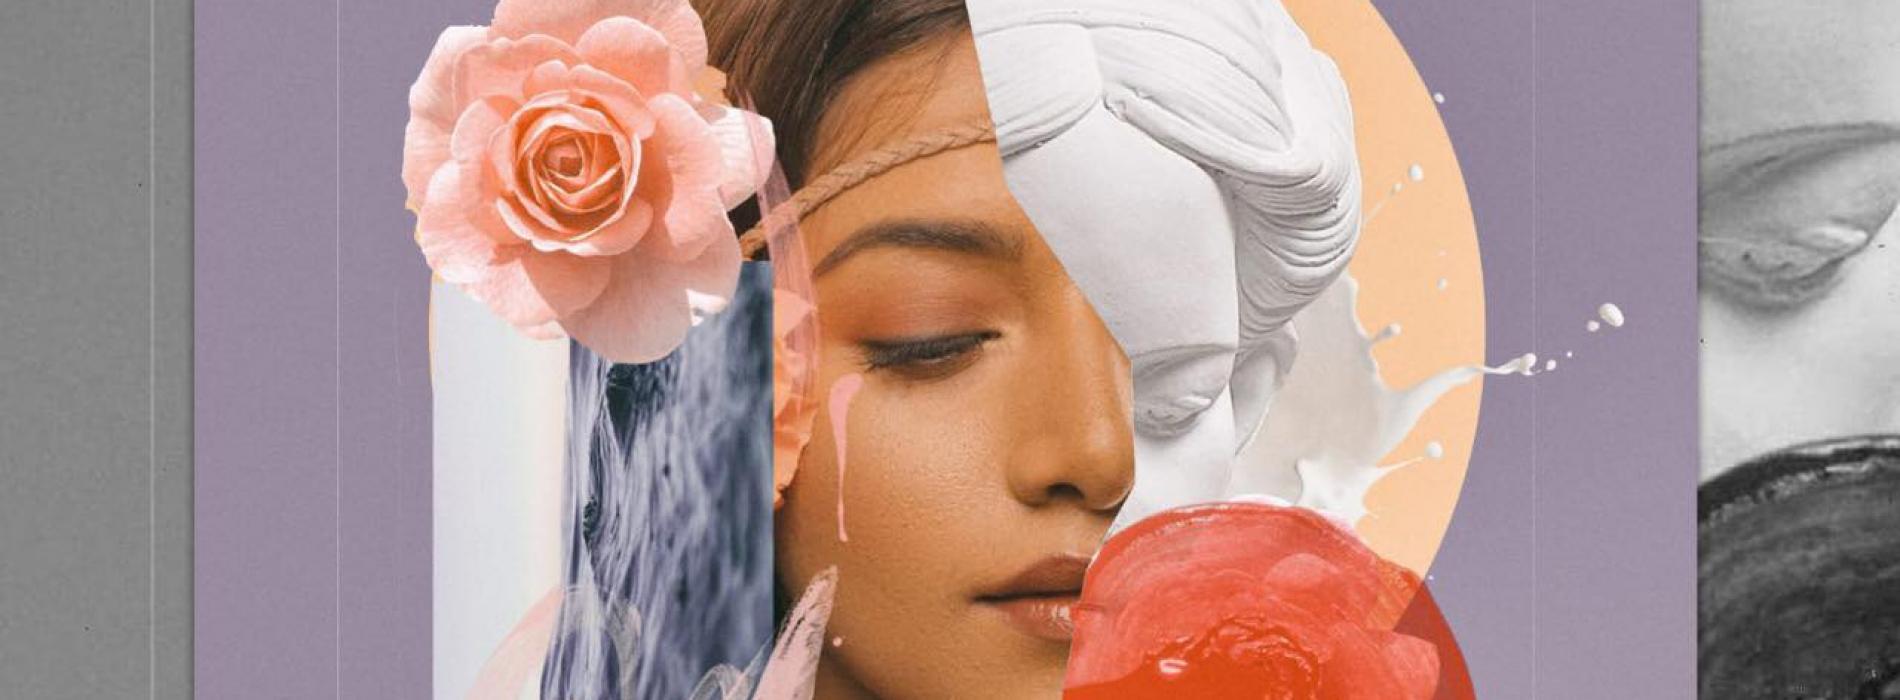 Romaine Willis Exclusive On 'Milk & Sugar' & More